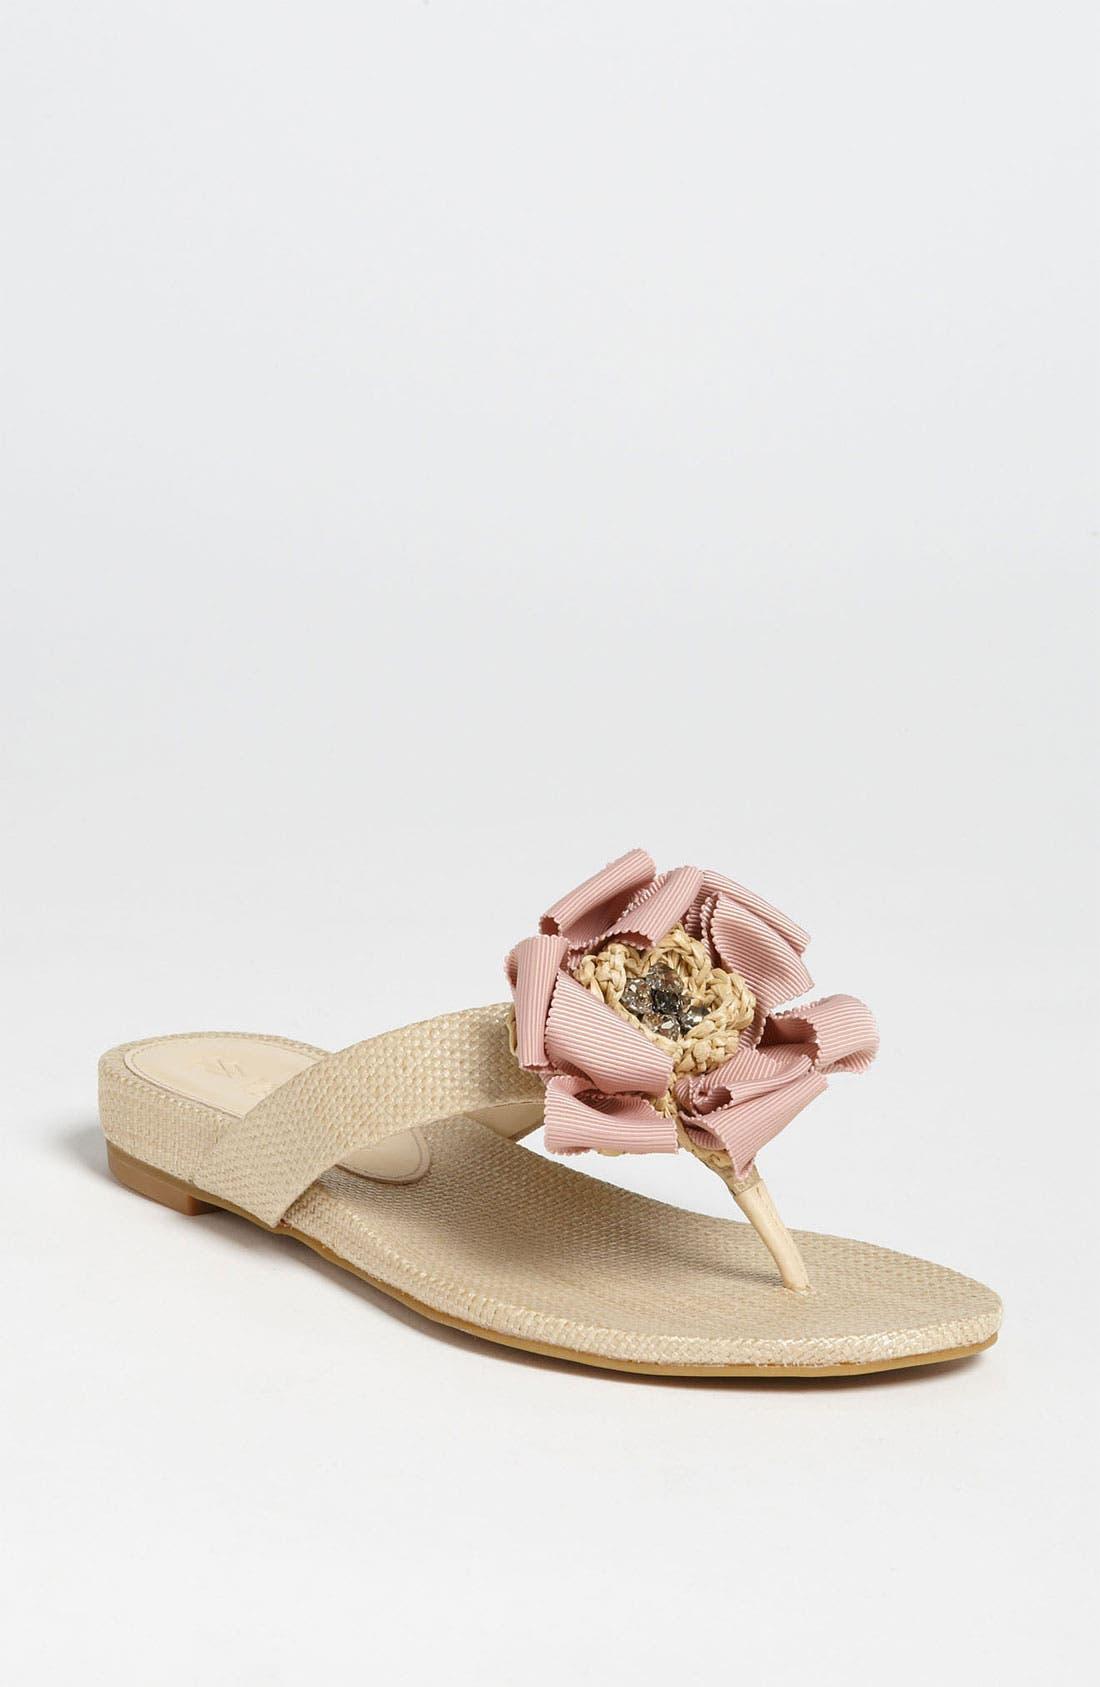 Alternate Image 1 Selected - Vera Wang Footwear 'Blaine' Skimmer